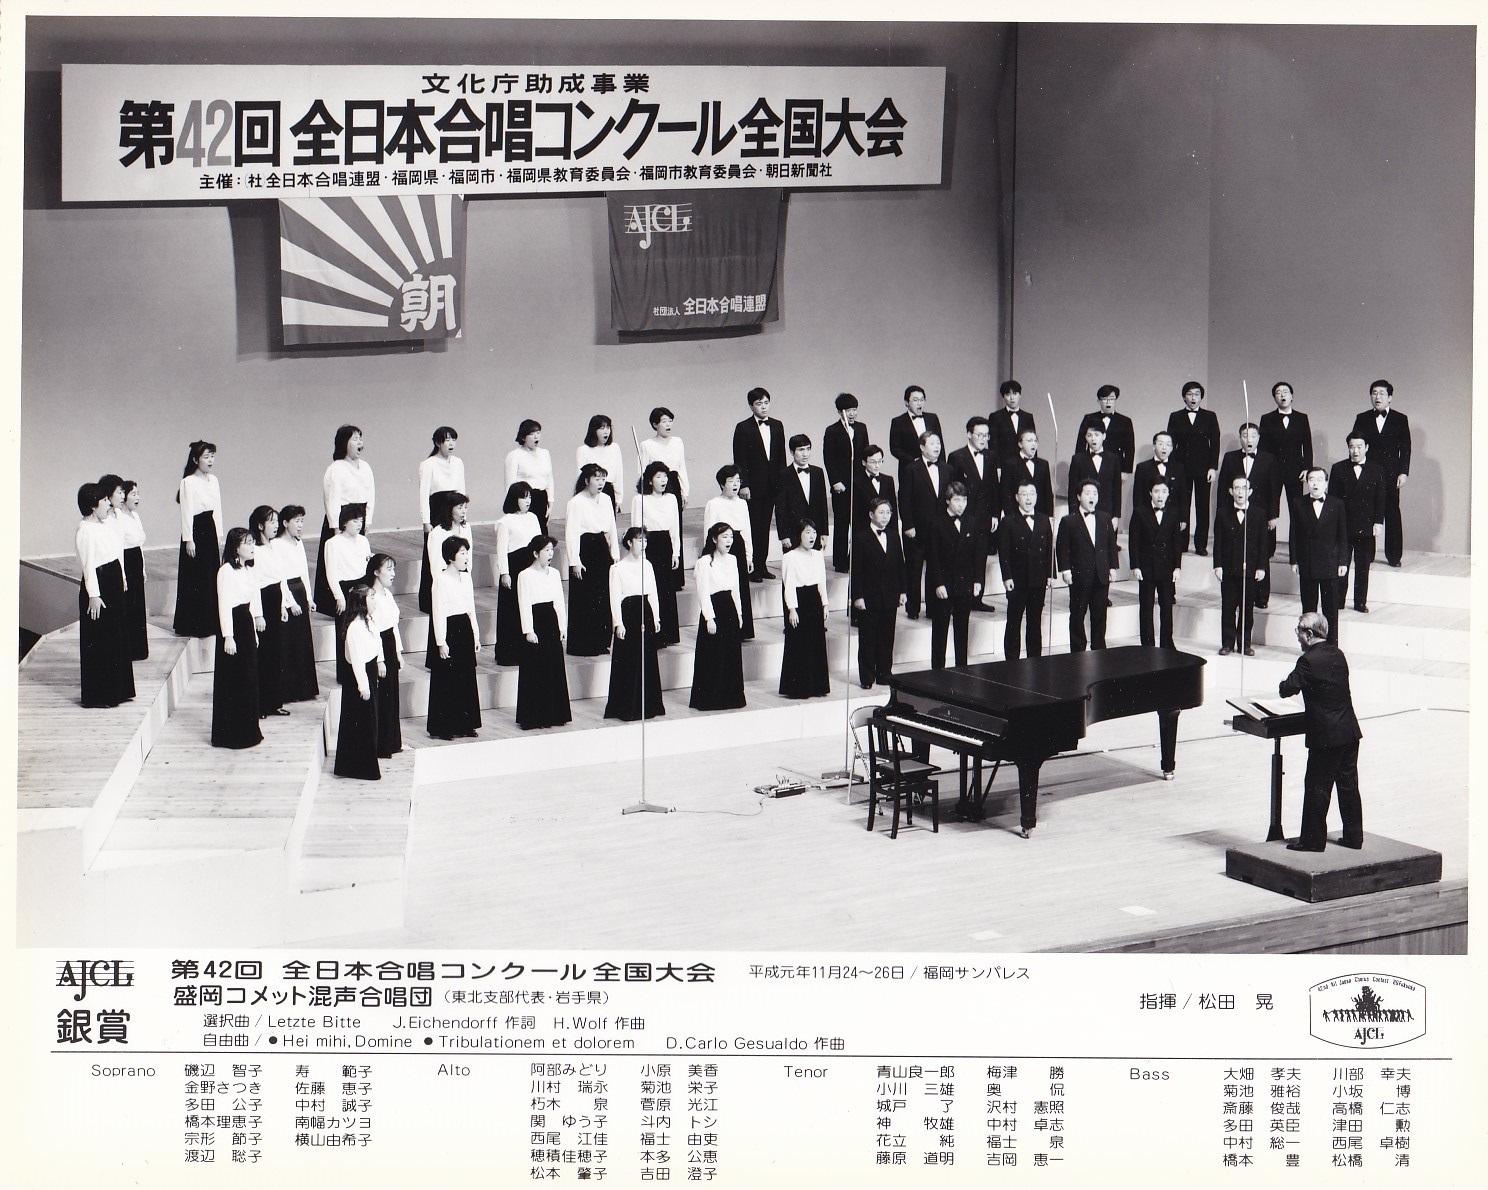 第42回全日本合唱コンクール_c0125004_16455392.jpg